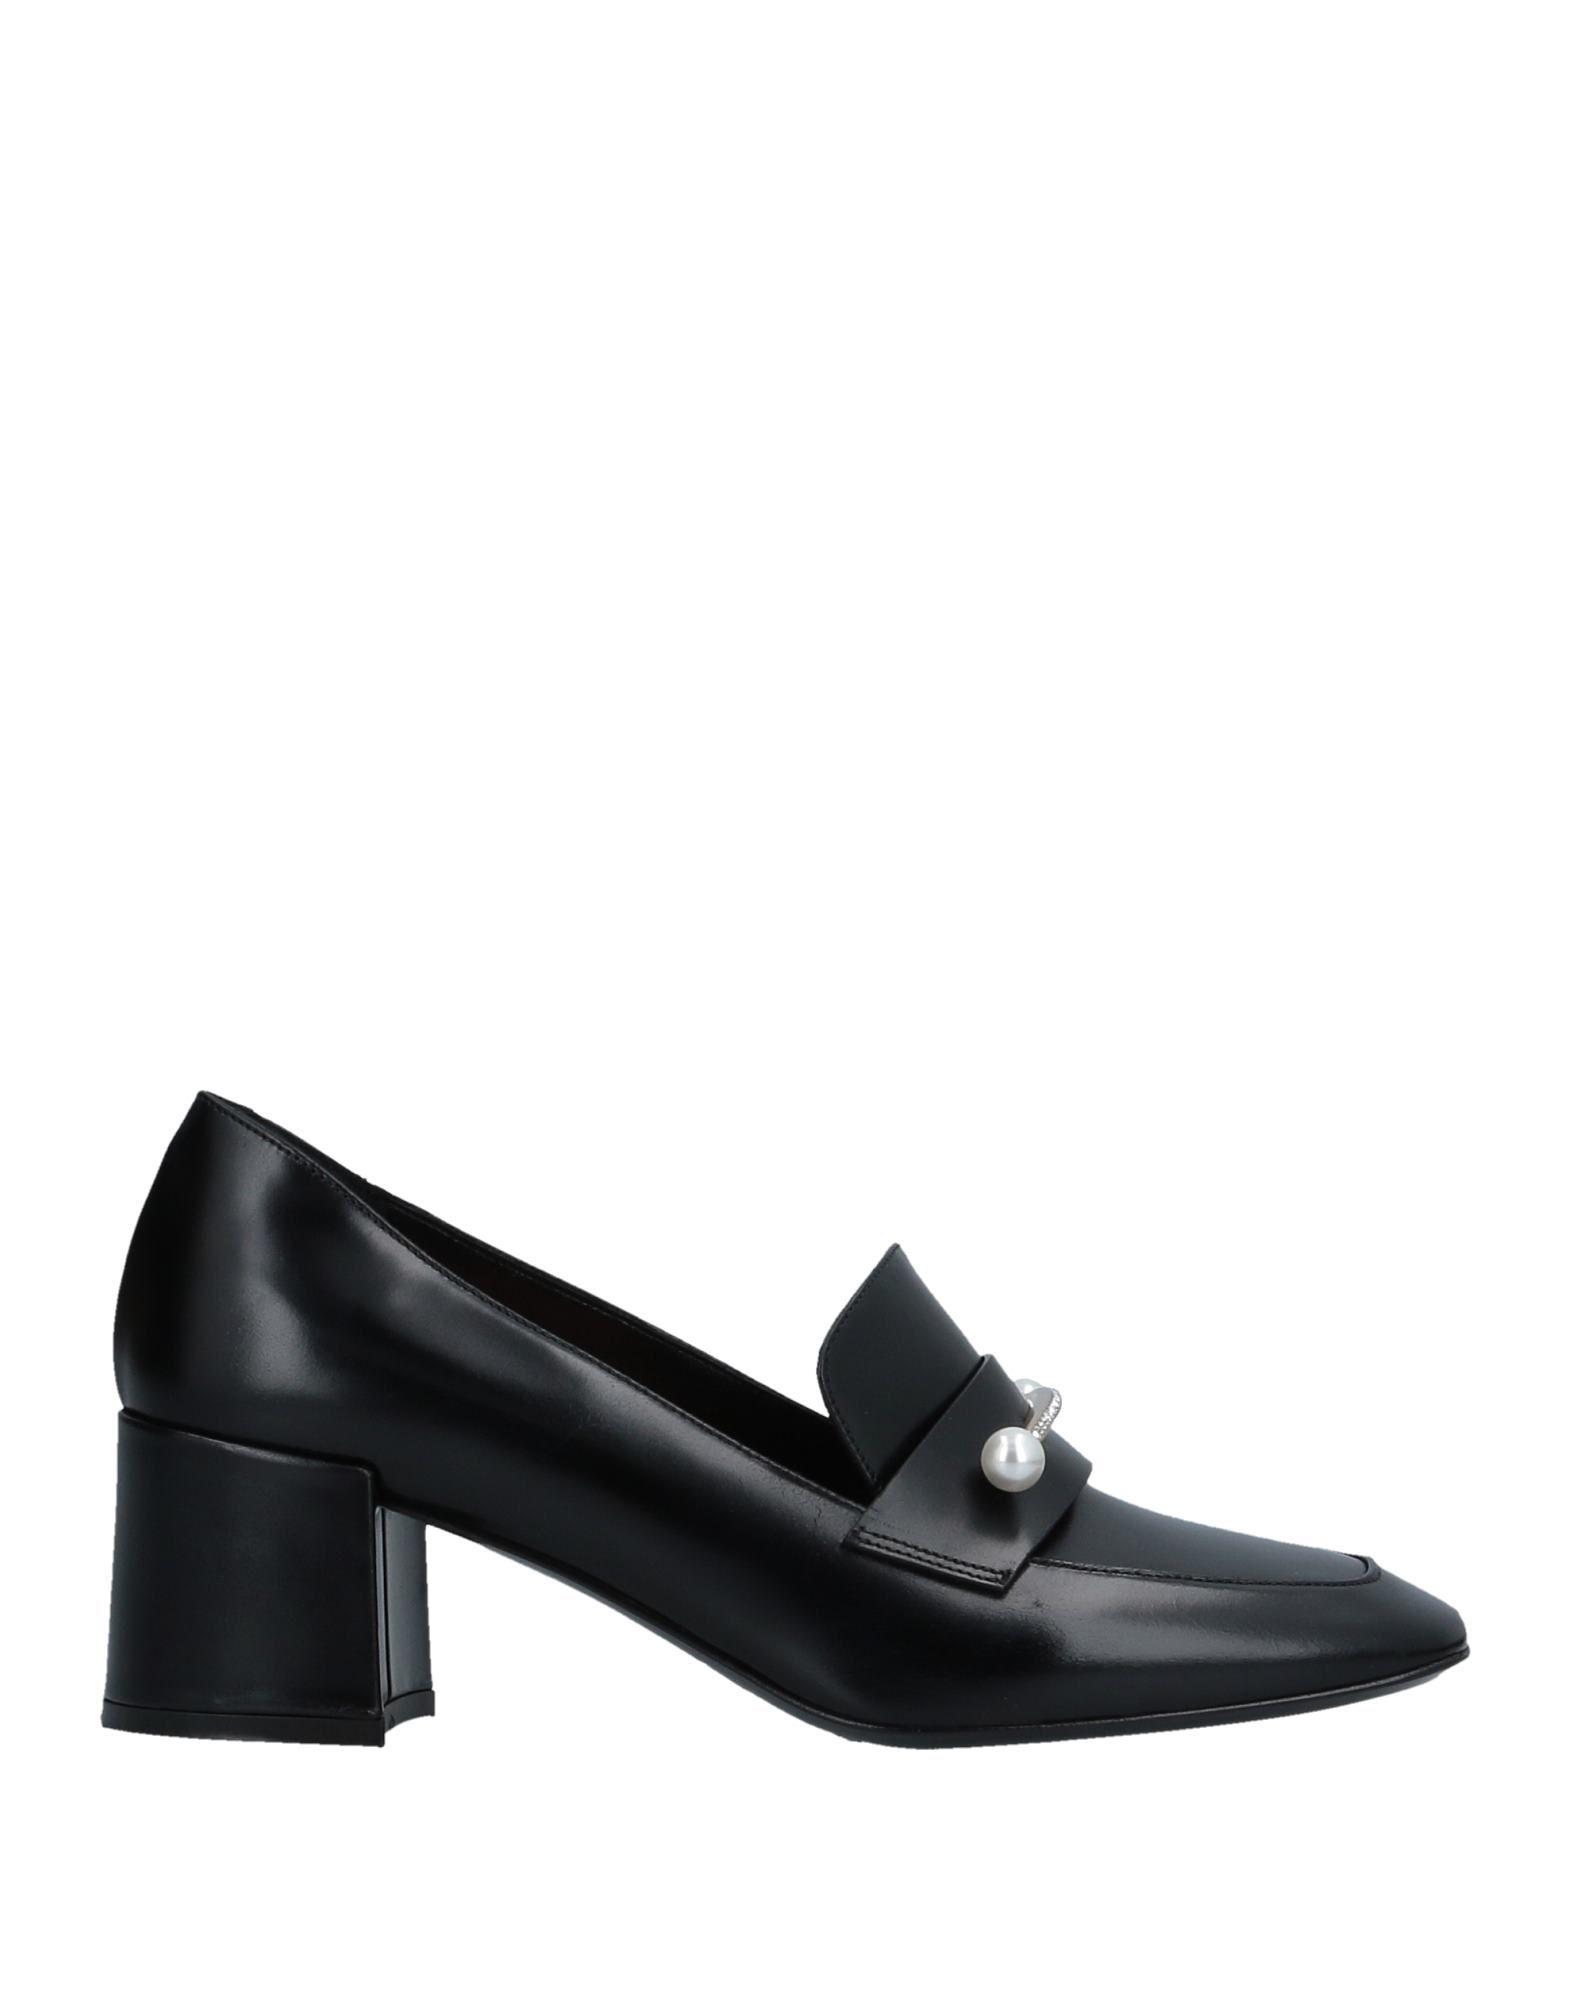 Coliac Martina Grasselli Mokassins aussehende Damen  11507339JIGünstige gut aussehende Mokassins Schuhe e04f77